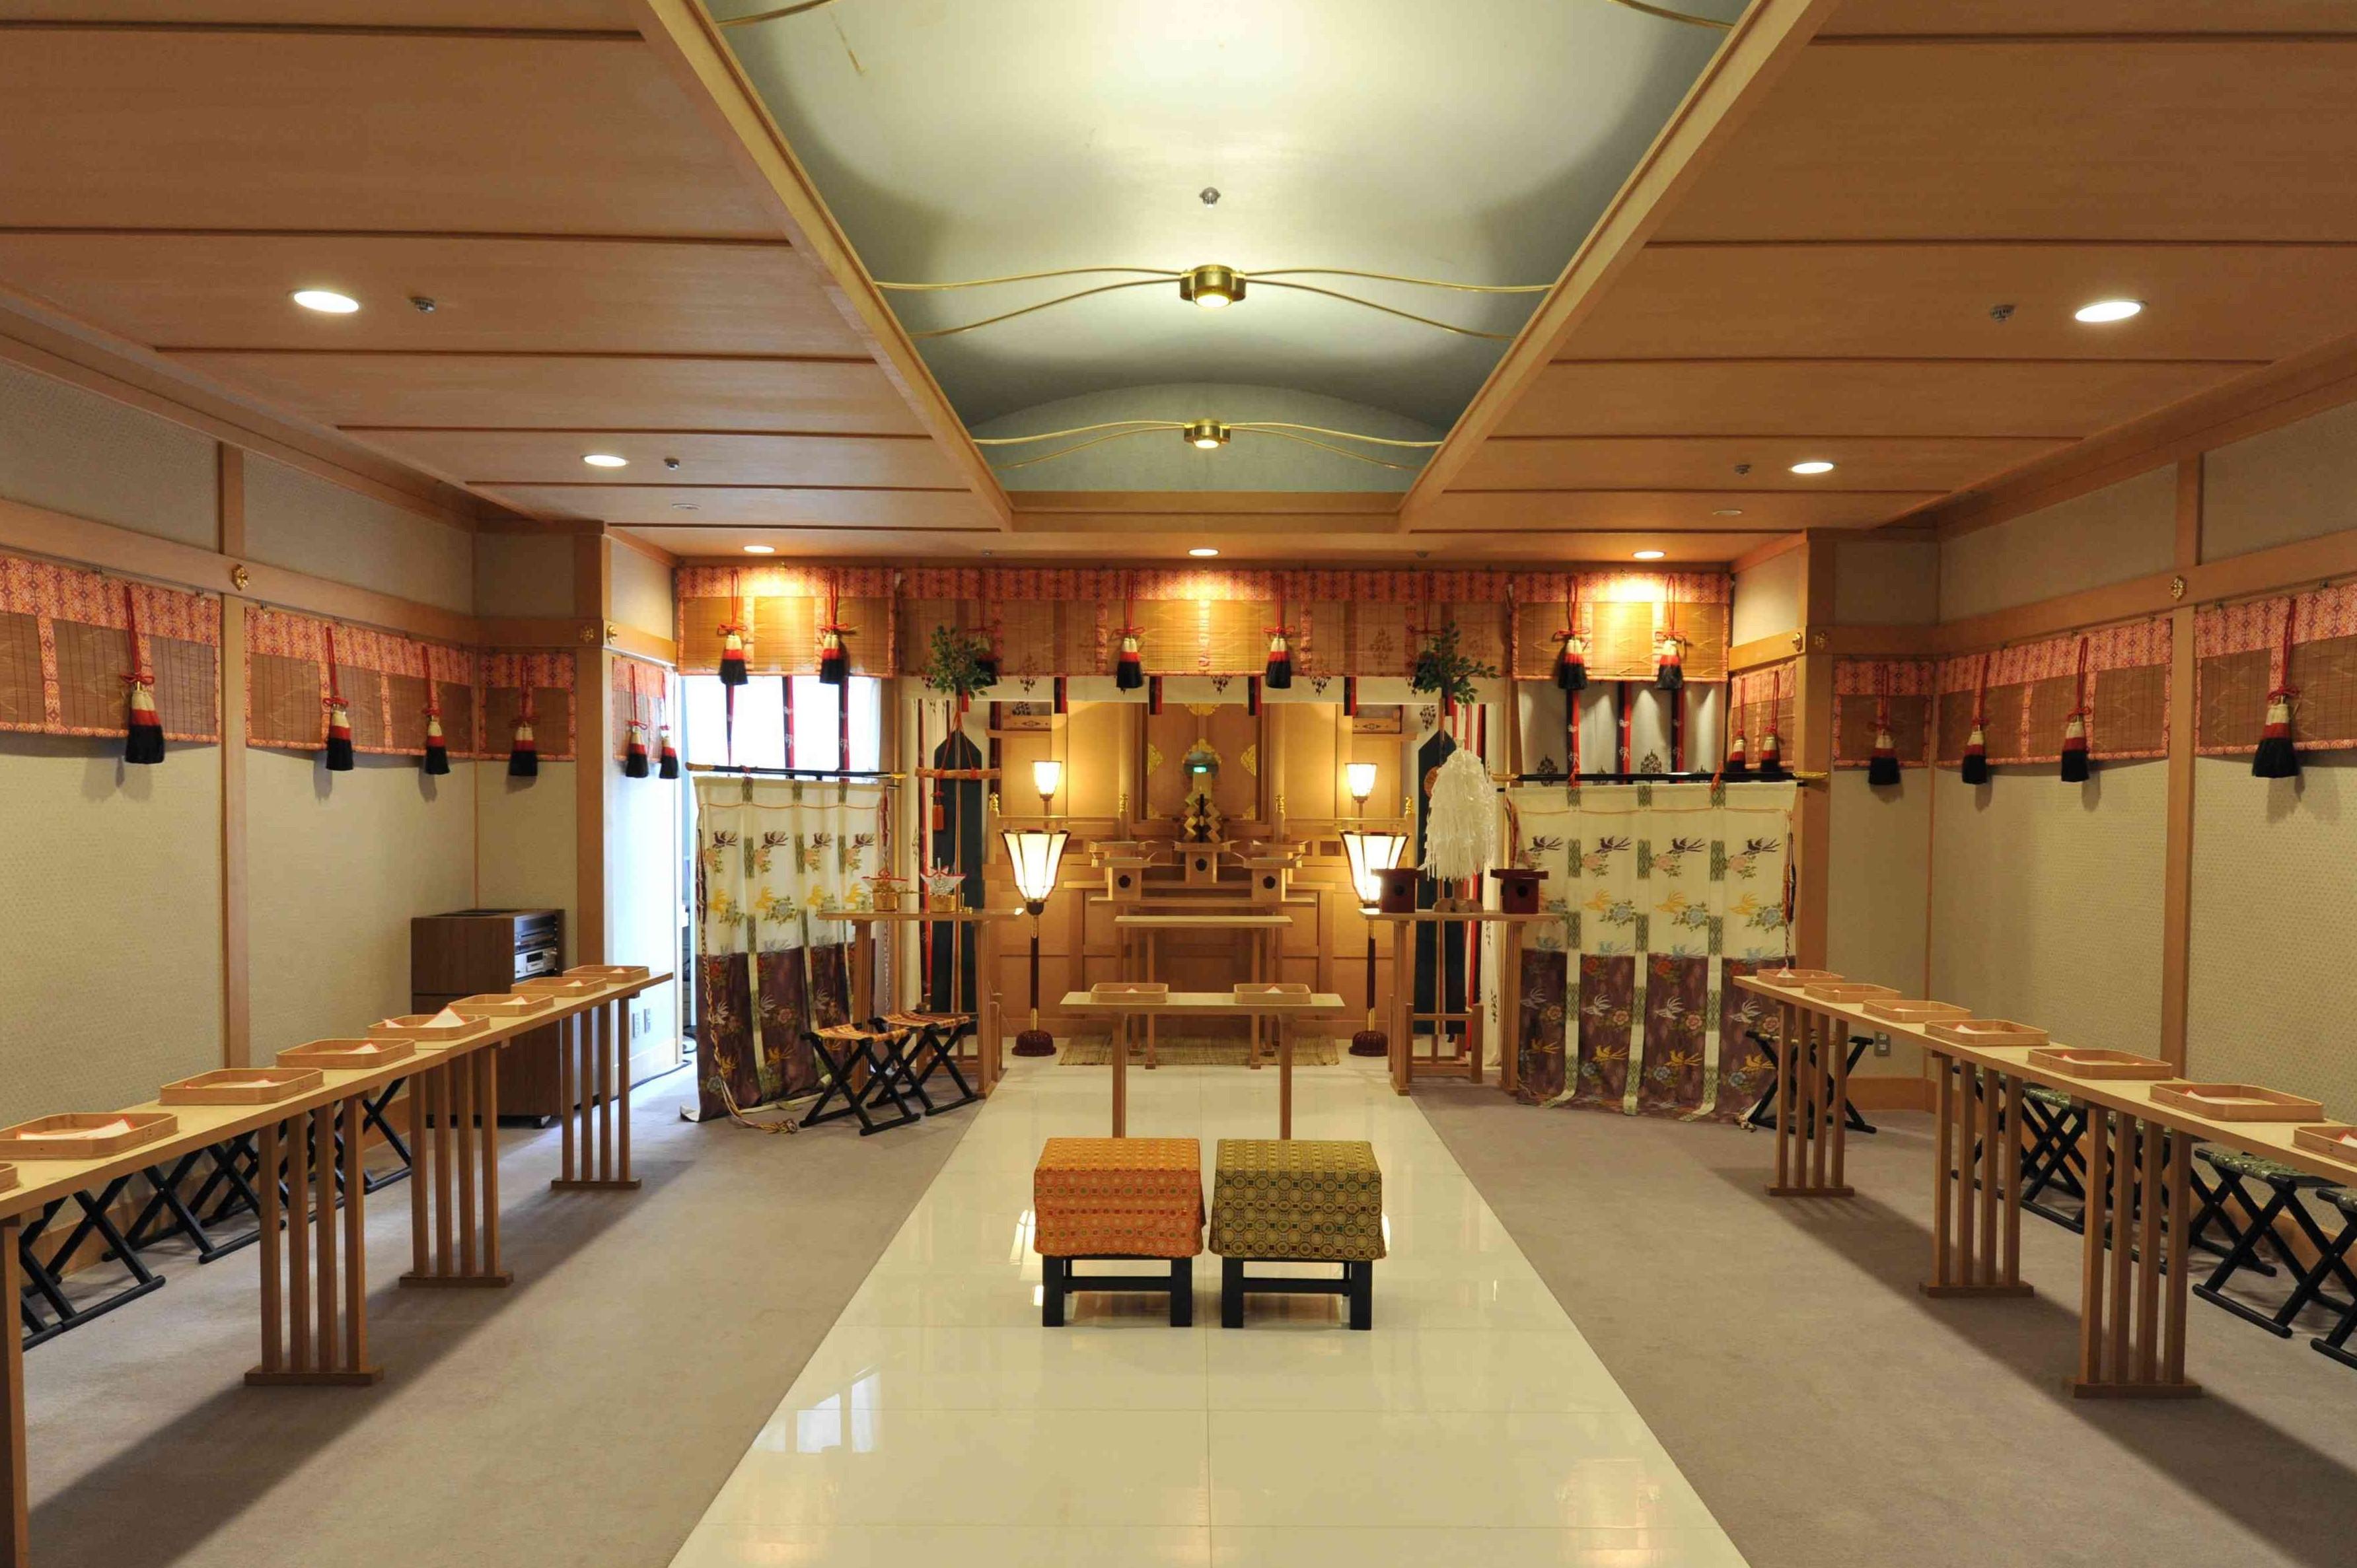 福岡リーセントホテル神殿|1.5次会・会費制・少人数お食事会・パーティなどのオススメ会場|福岡・九州で和装の神社結婚式・和婚ならウェディングセレクト!和婚